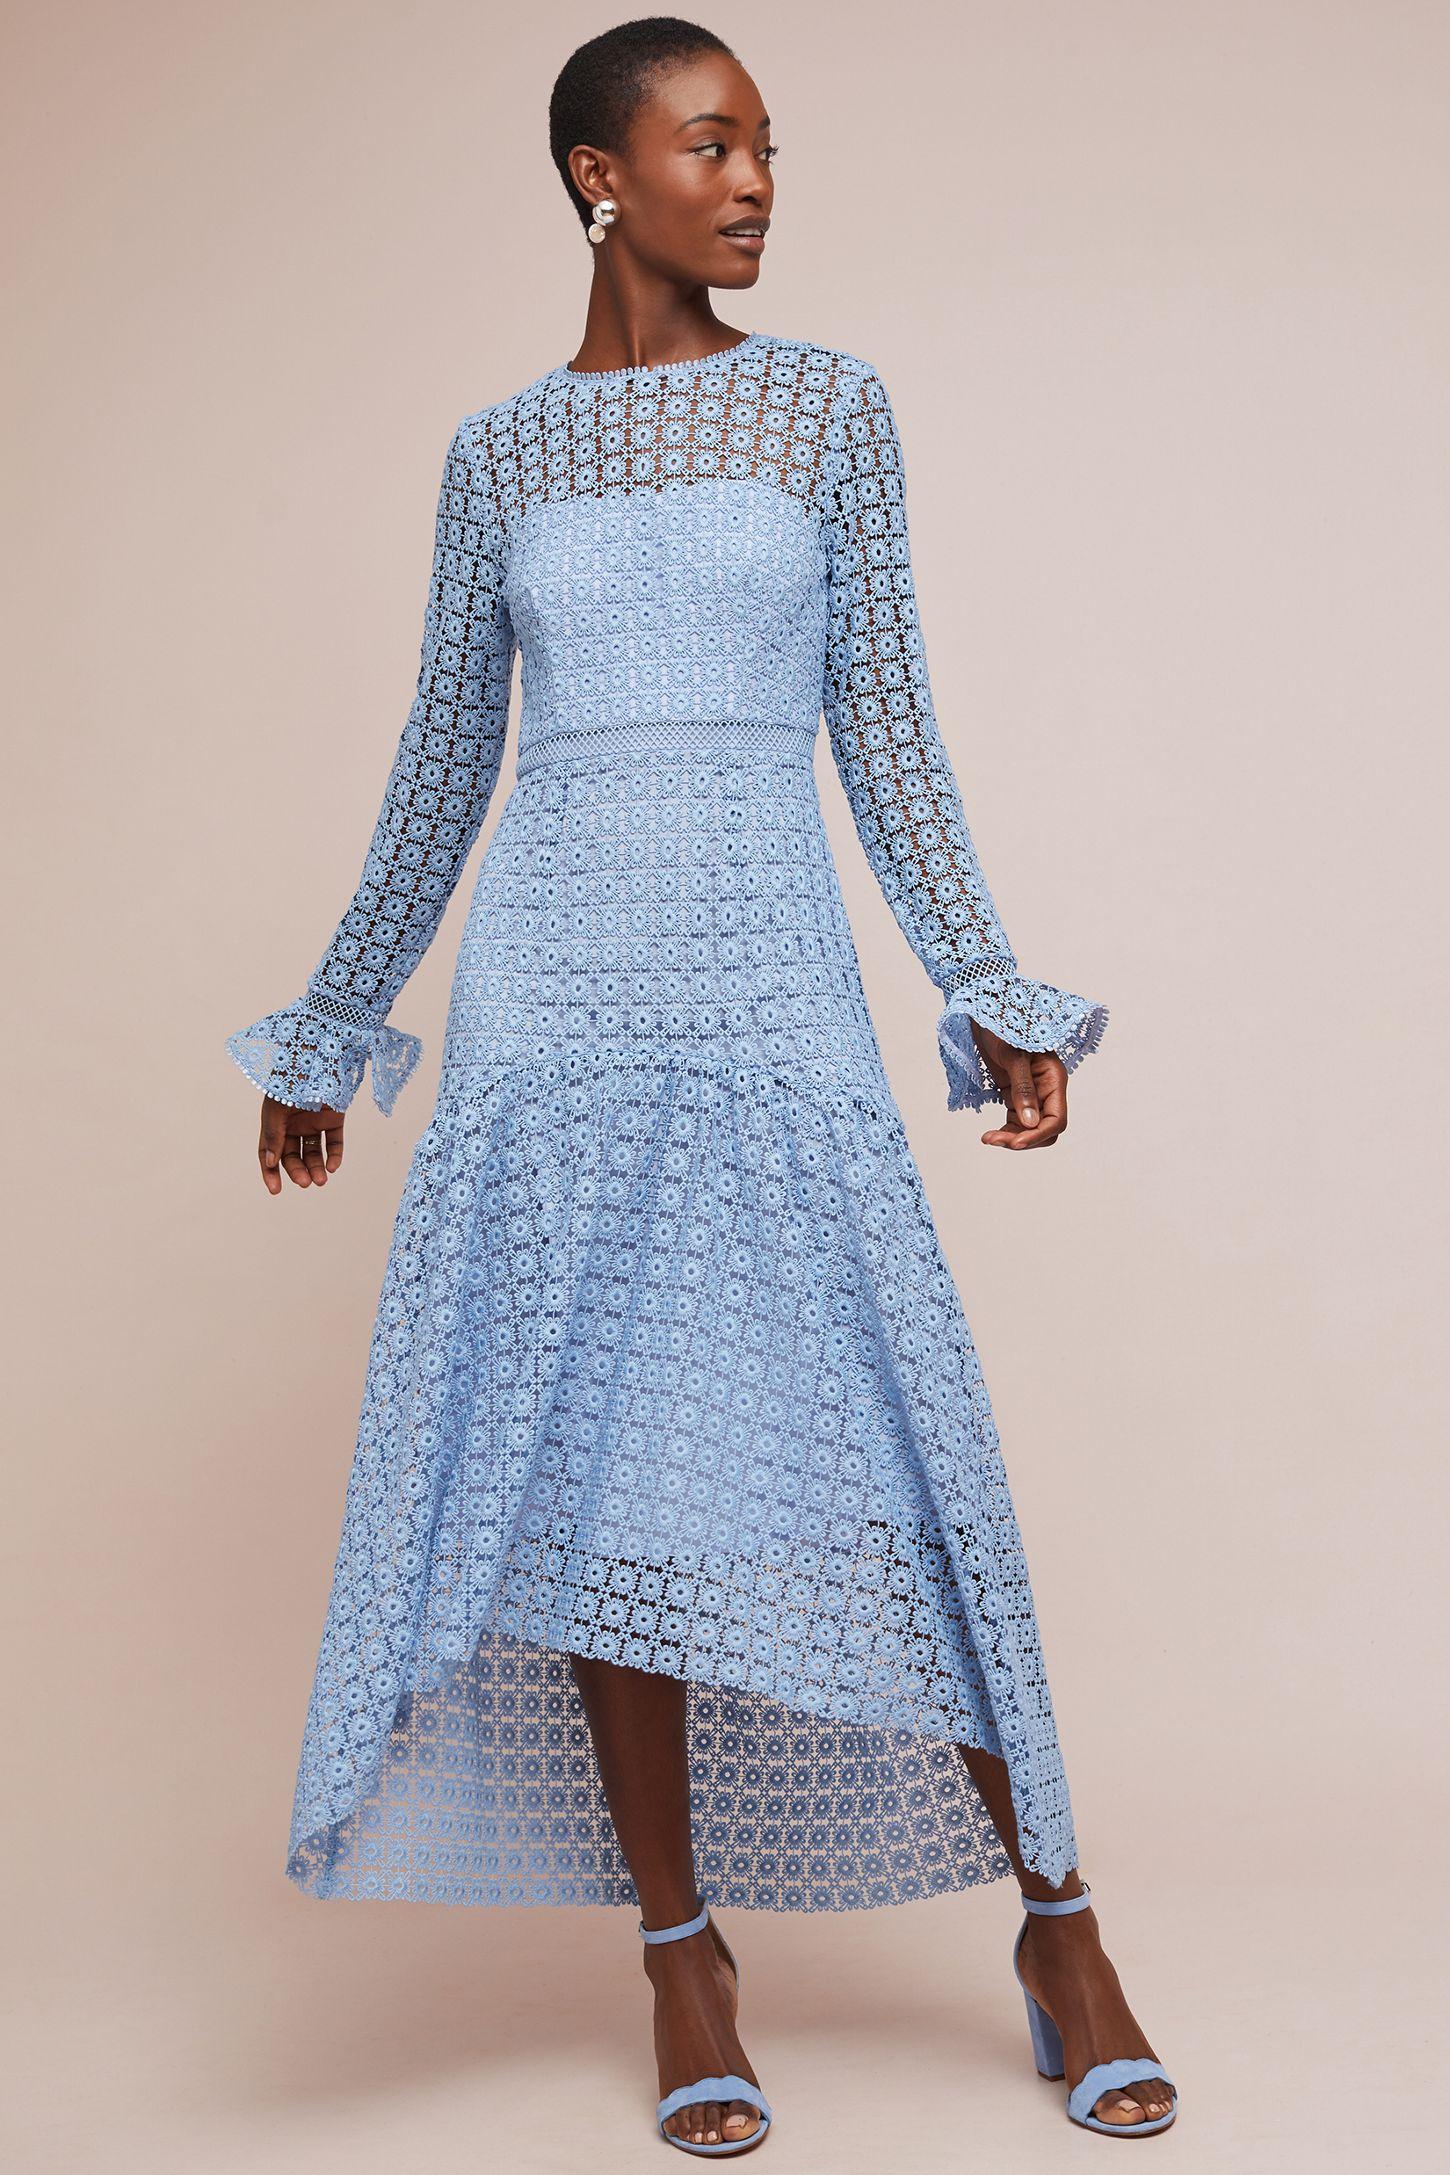 907ac8be ML Monique Lhuillier Claire Lace Dress | Anthropologie